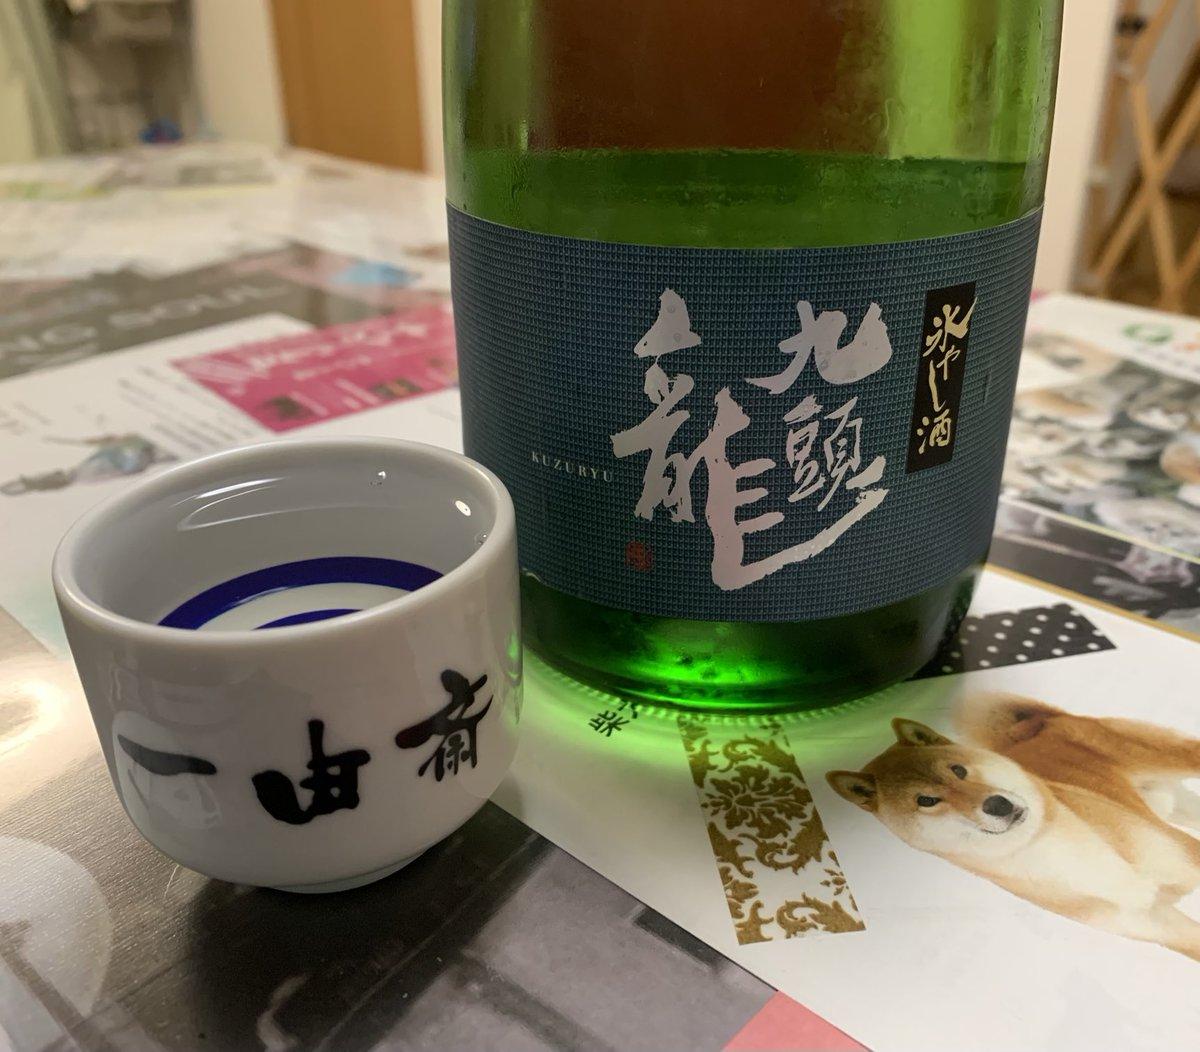 test ツイッターメディア - では始めます。 福井県の黒龍酒造 「九頭龍 氷やし酒」。 氷を入れてロックでも。 でも冷やしてあるから いつも通りそのままで頂きます。 暑い日に飲みたい酒です。 https://t.co/YeWFMObxaw